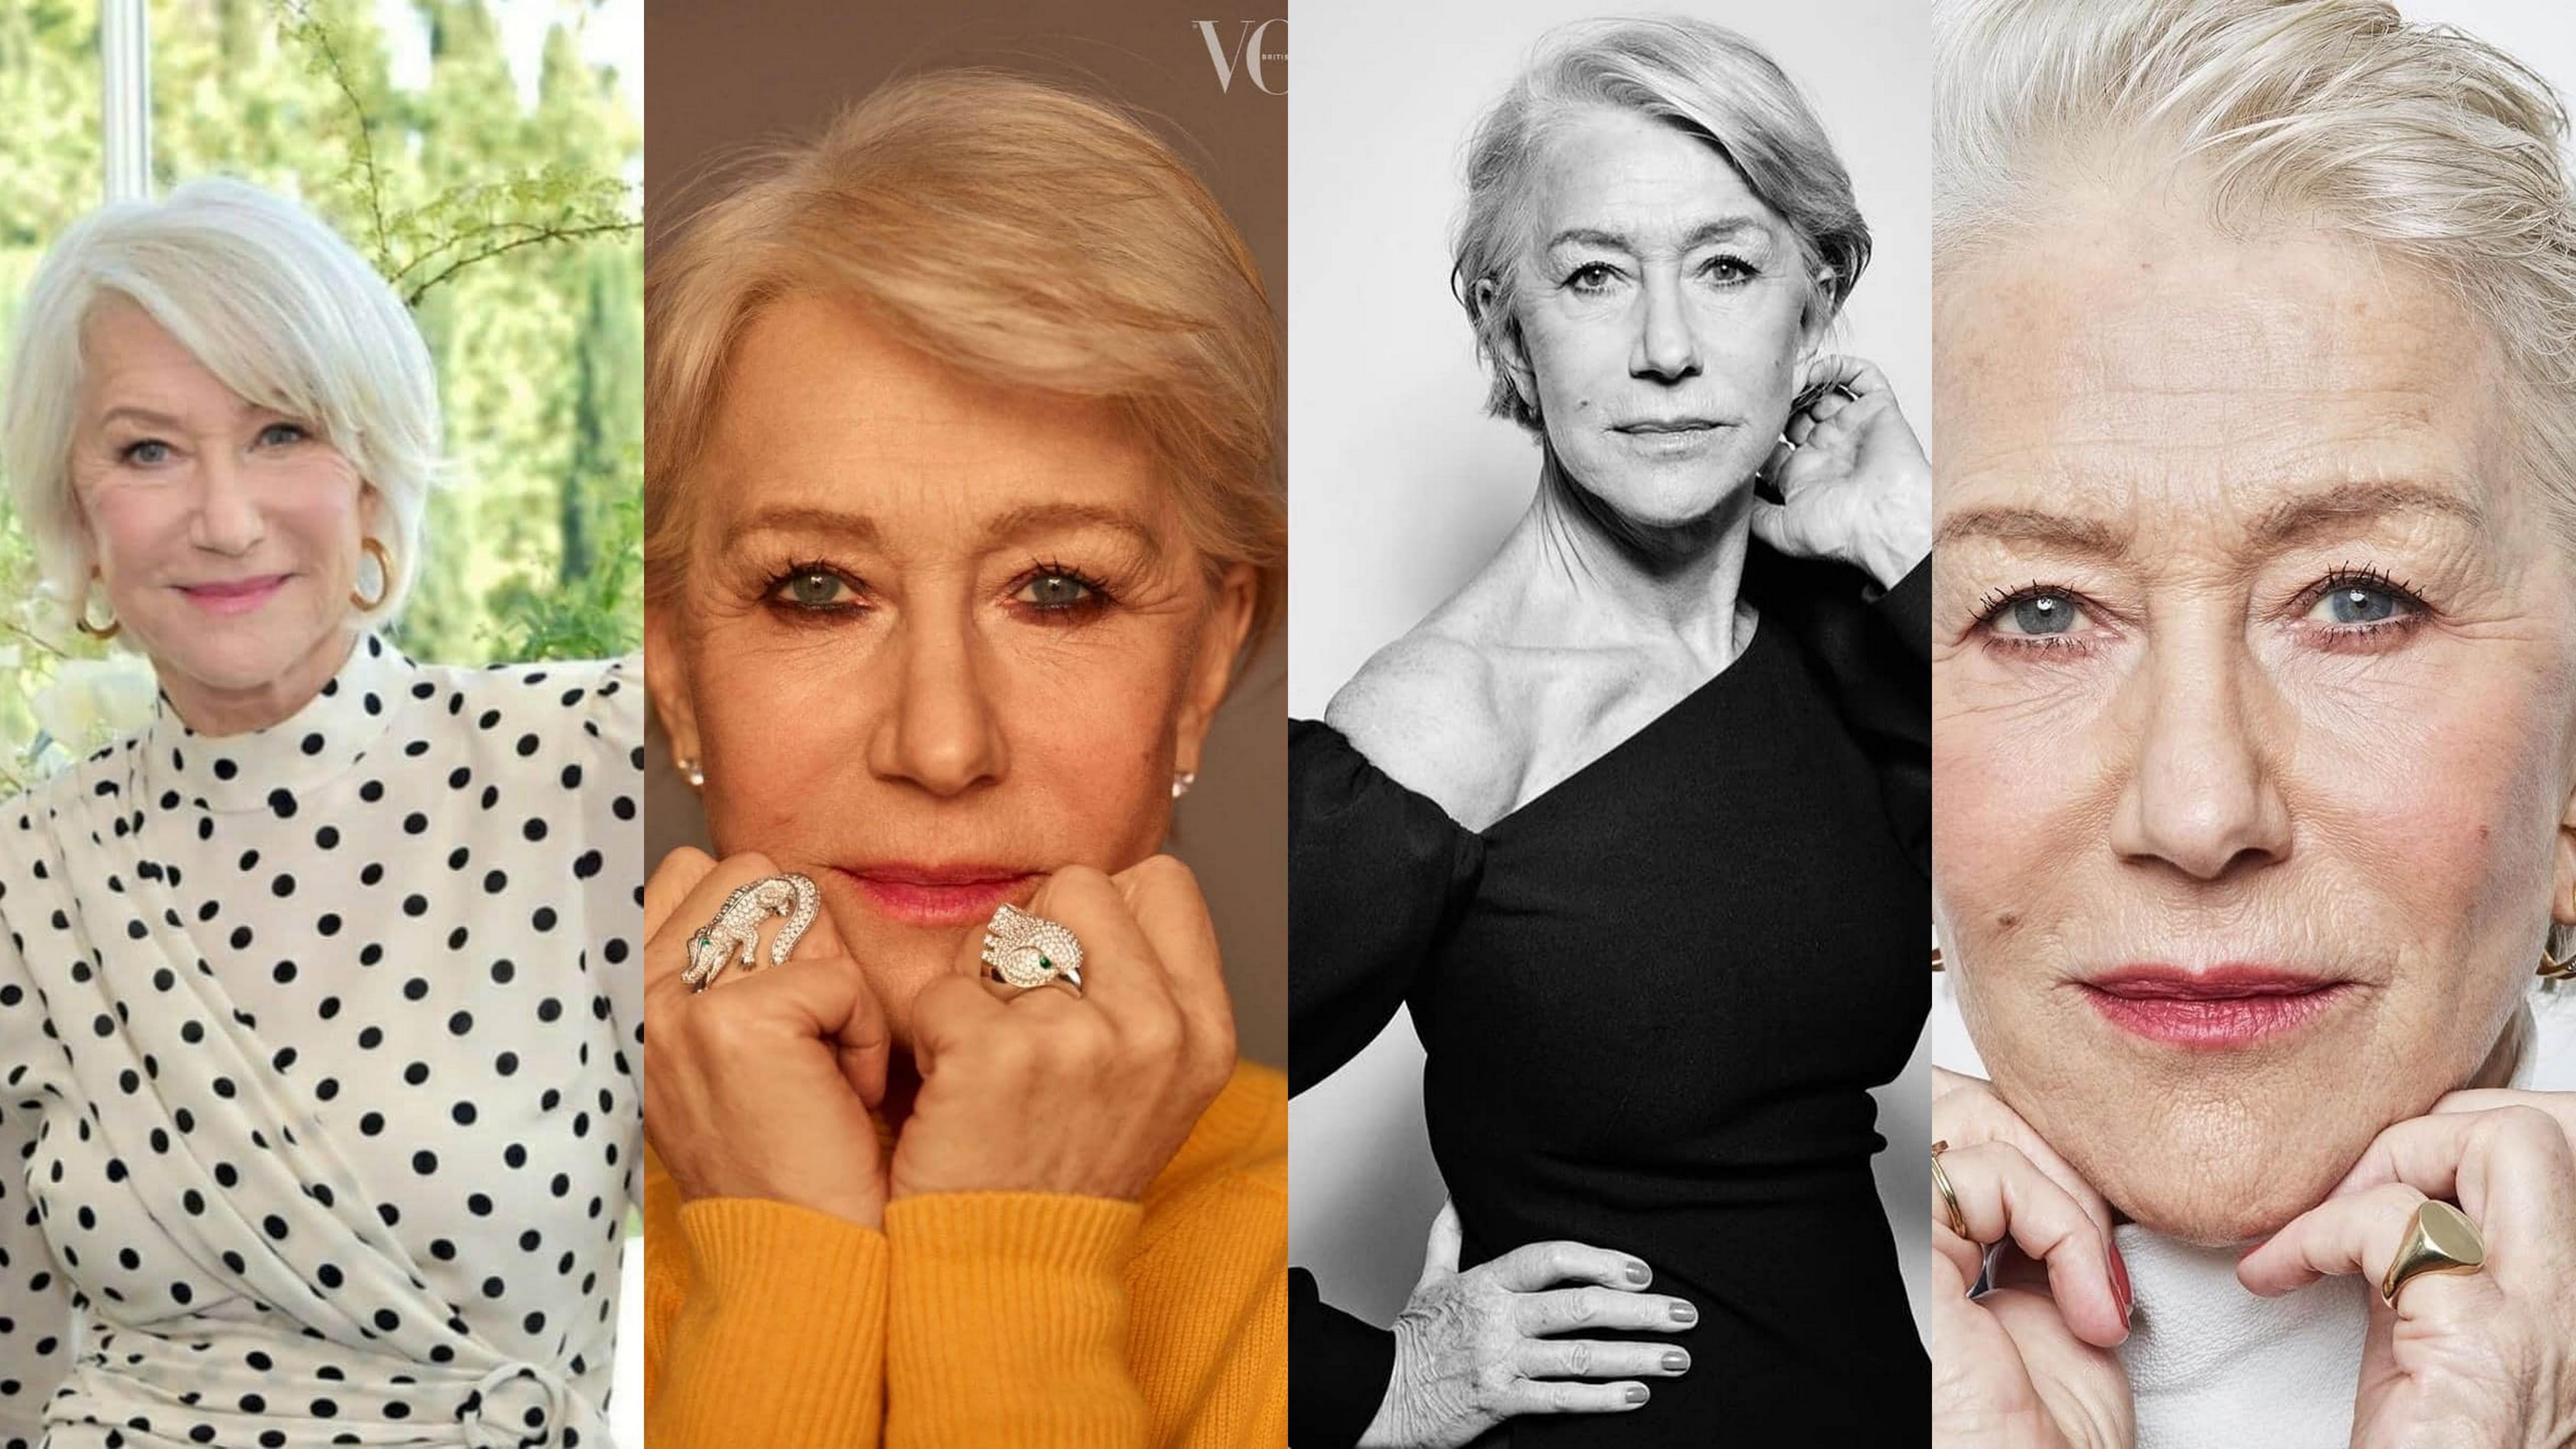 Nem akarok fiatalon meghalni, inkàbb megöregszem! – Helen Mirren 75 éves